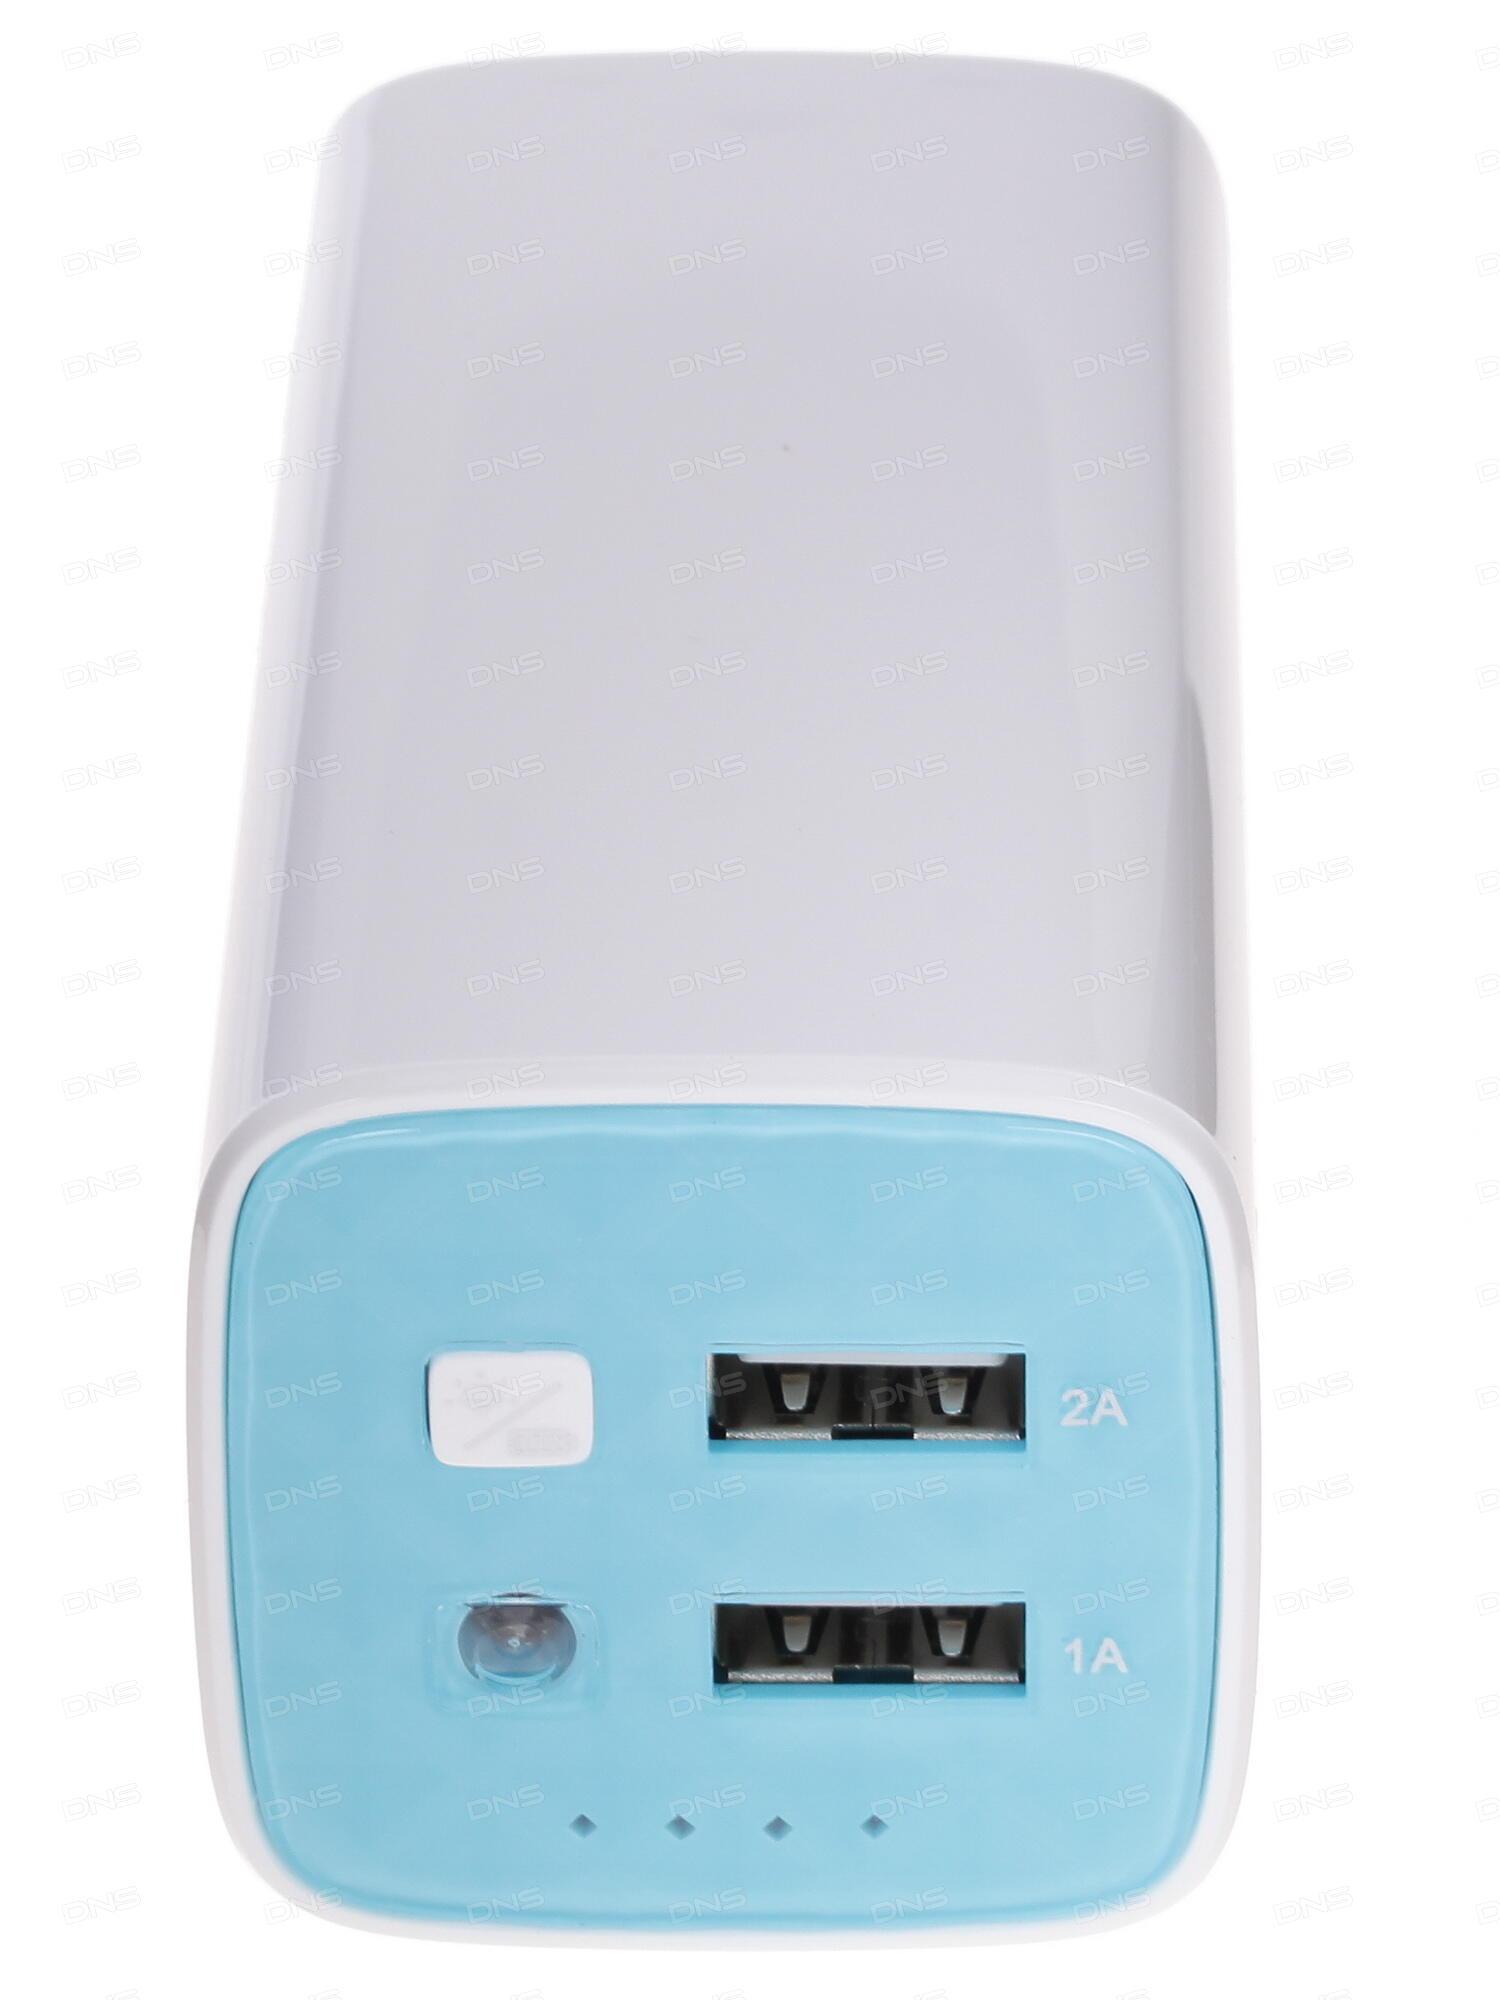 Купить Портативный аккумулятор TP-LINK TL-PB10400 белый в интернет магазине DNS. Характеристики ...